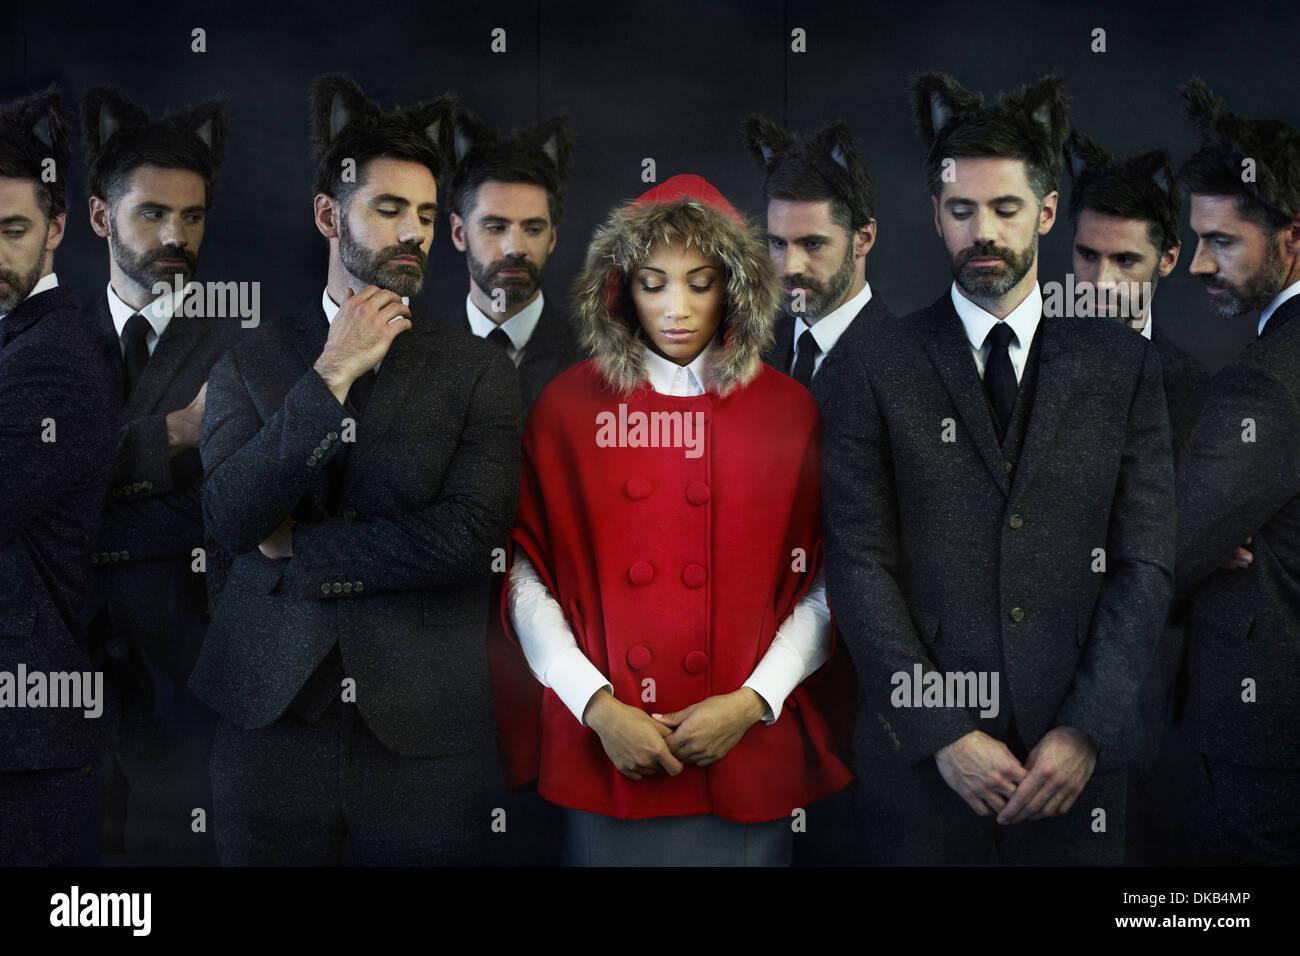 Frau verkleidet als little red Riding Hood mit Geschäftsleuten, mehrere Bild Stockbild